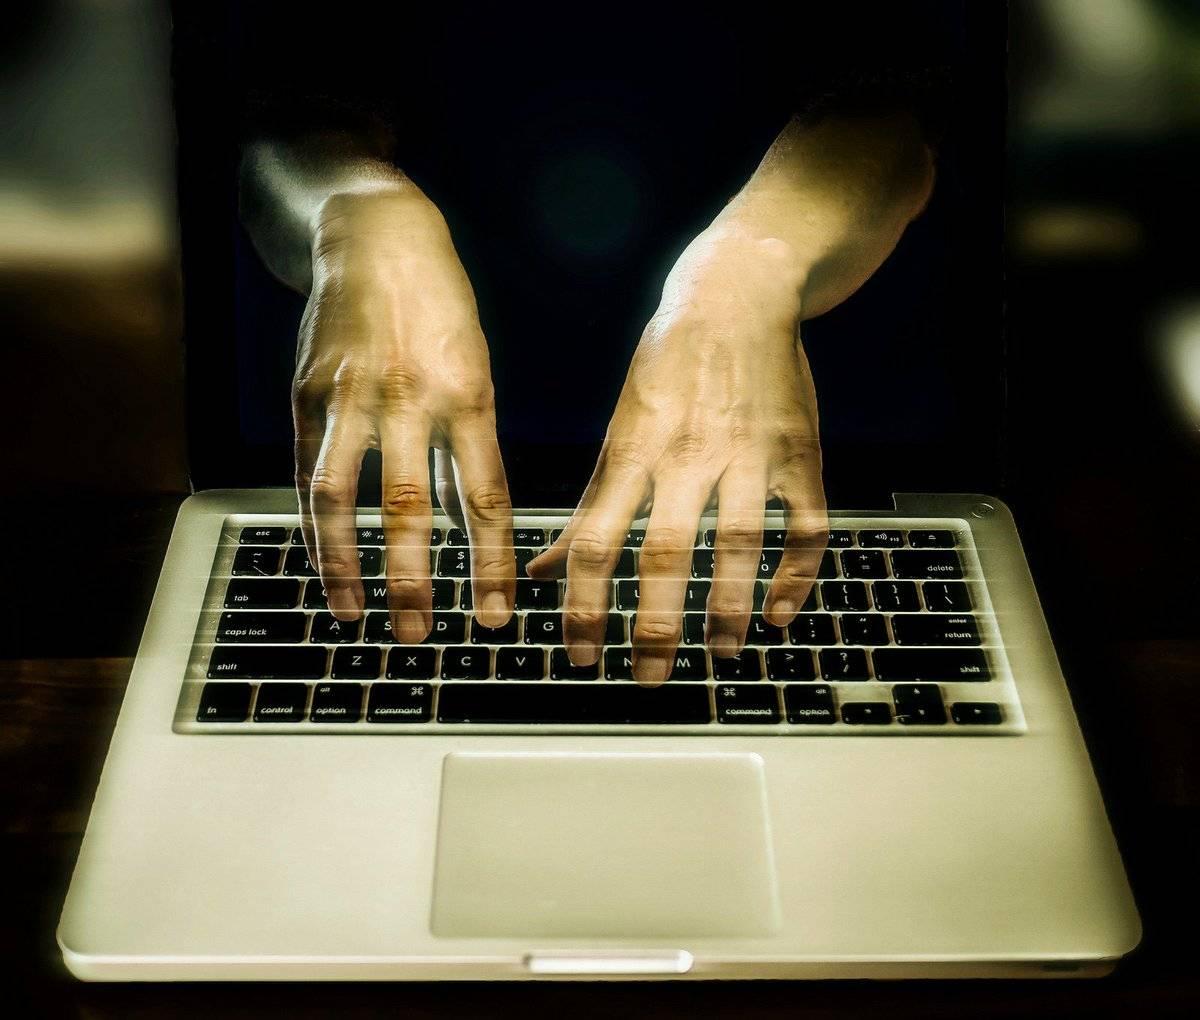 В минувшем 2017г английские спецслужбы отразили 54 млн. кибератак